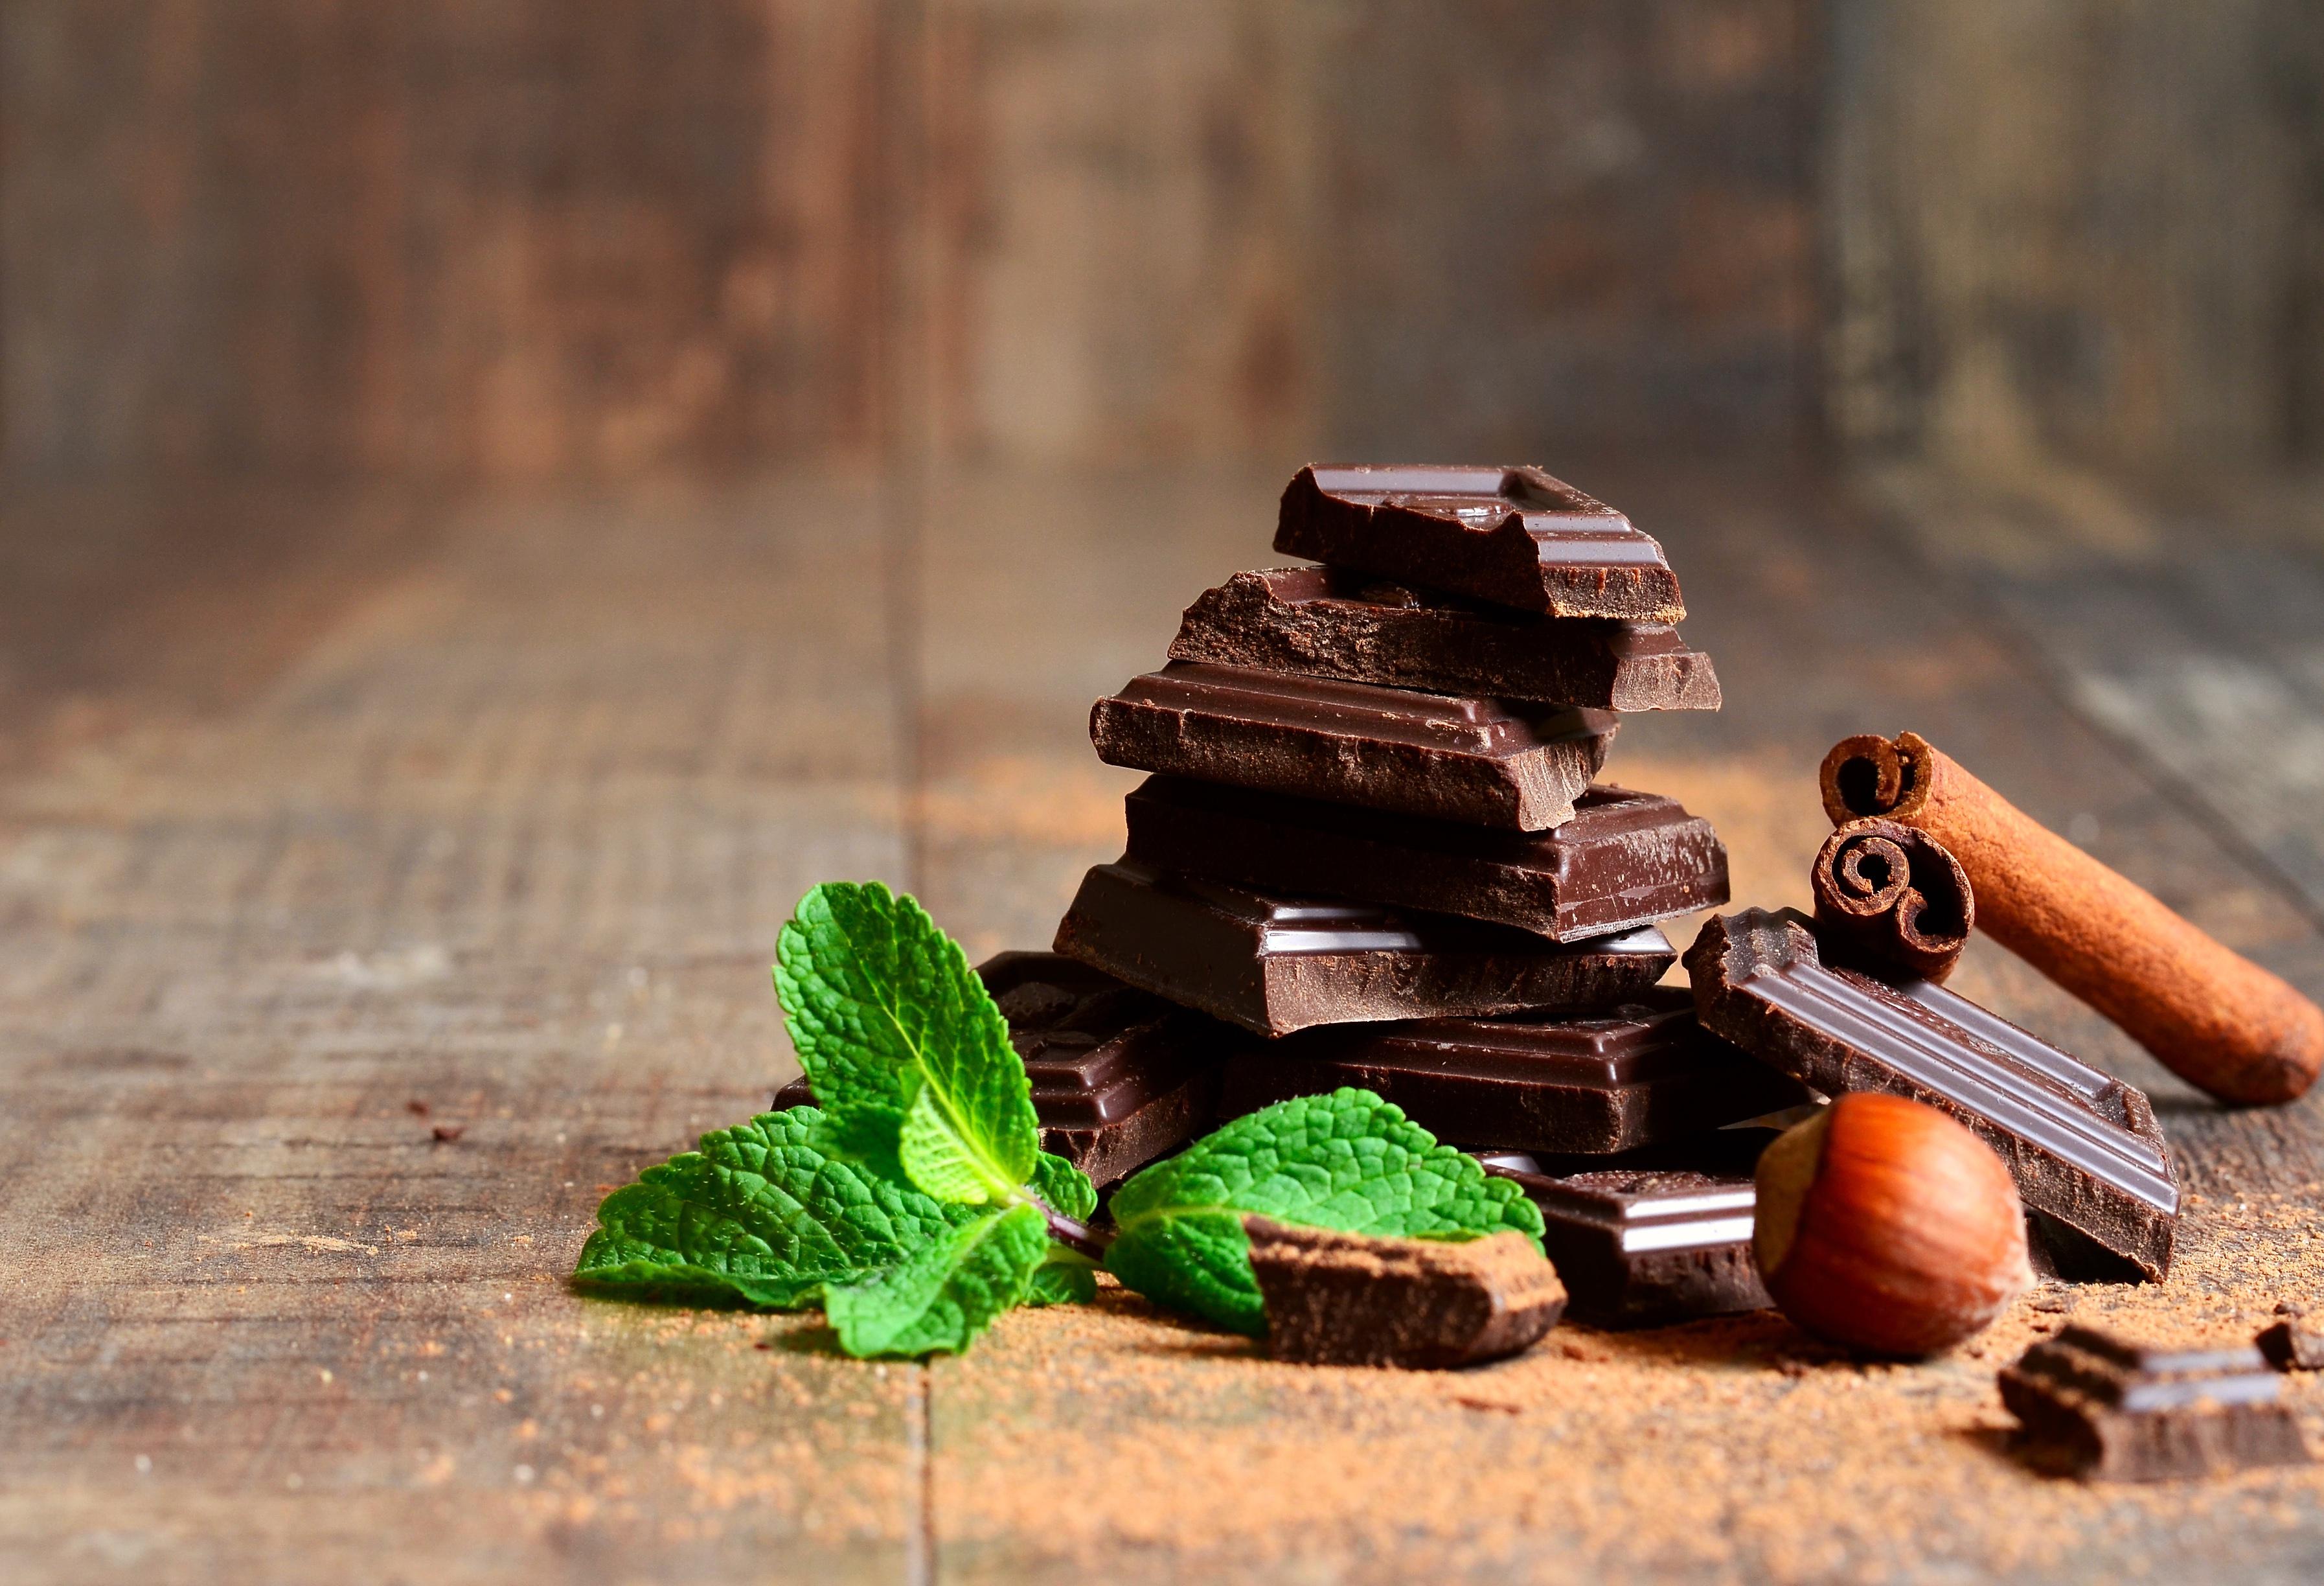 Картинки Шоколад мяты Еда Орехи Крупным планом 3588x2448 Мята мятой Пища Продукты питания вблизи